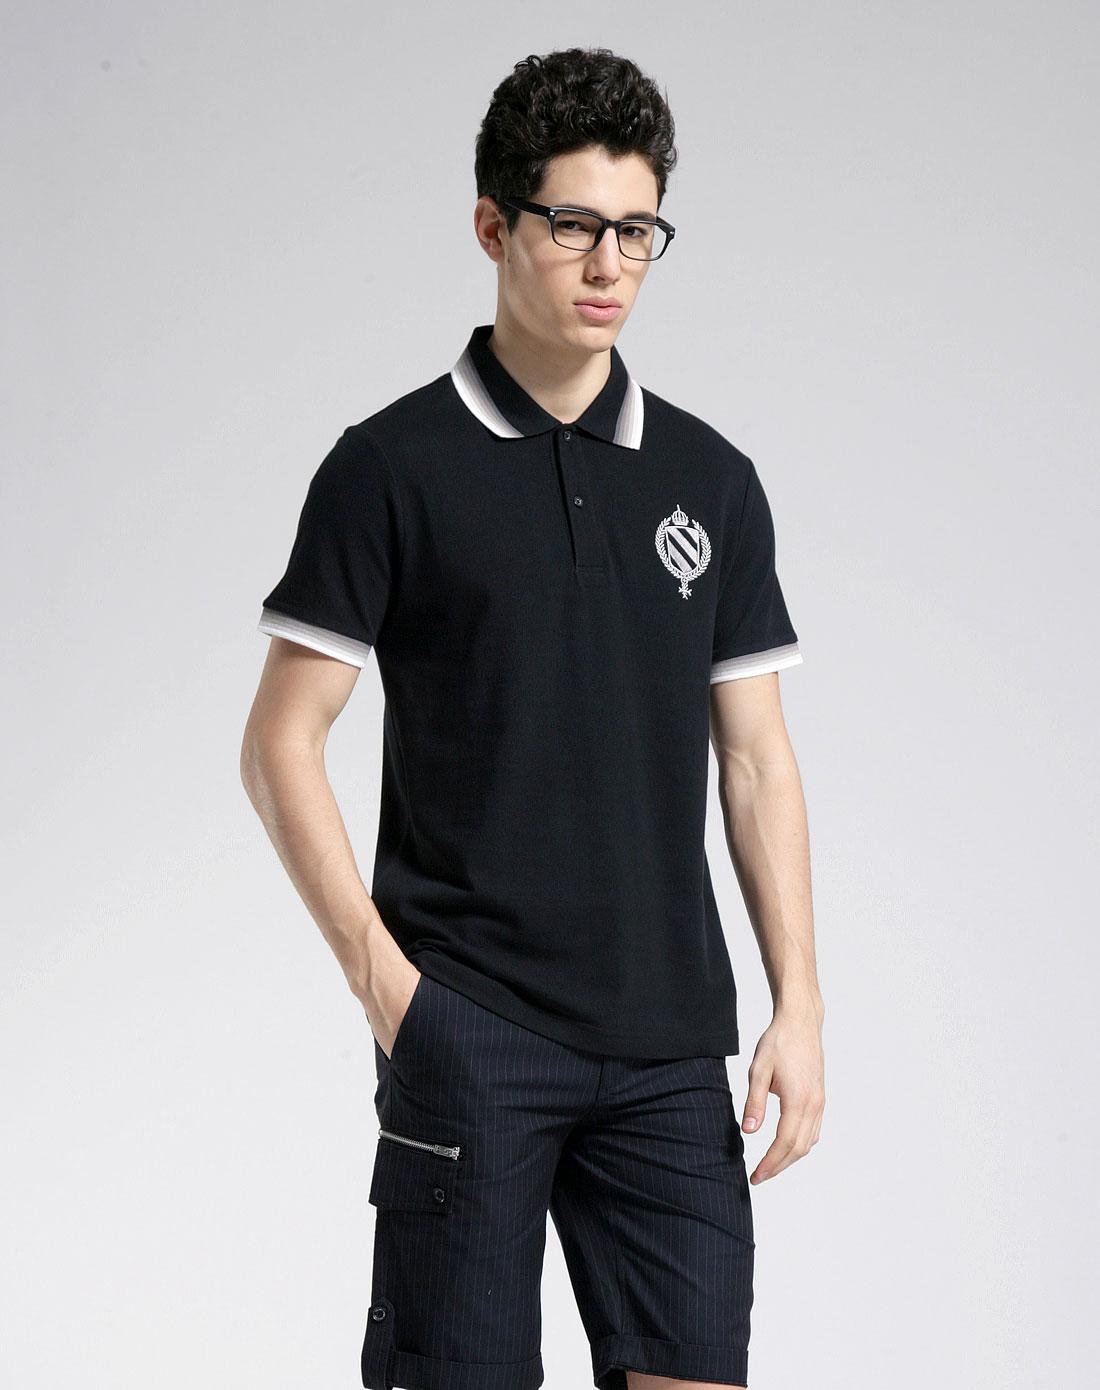 1978男装混合专场-gxg 黑色休闲时尚短袖polo衫